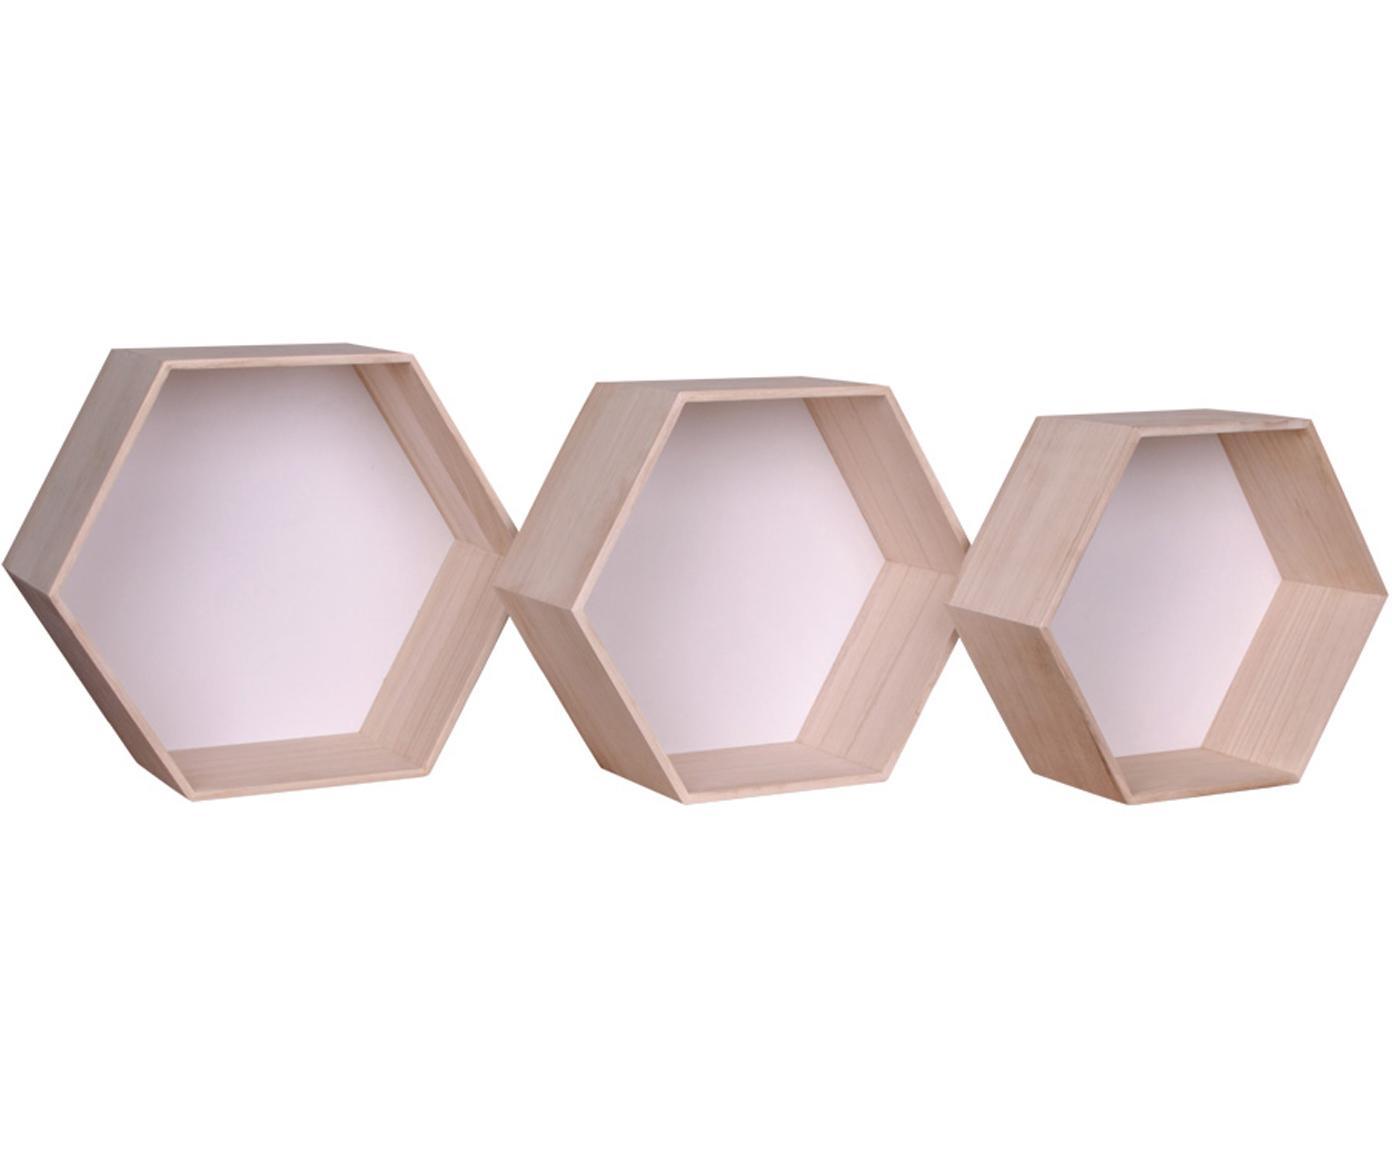 Set de estantes de pared Garda, 3pzas., Madera de Paulownia, Blanco, madera de Paulownia, Tamaños diferentes